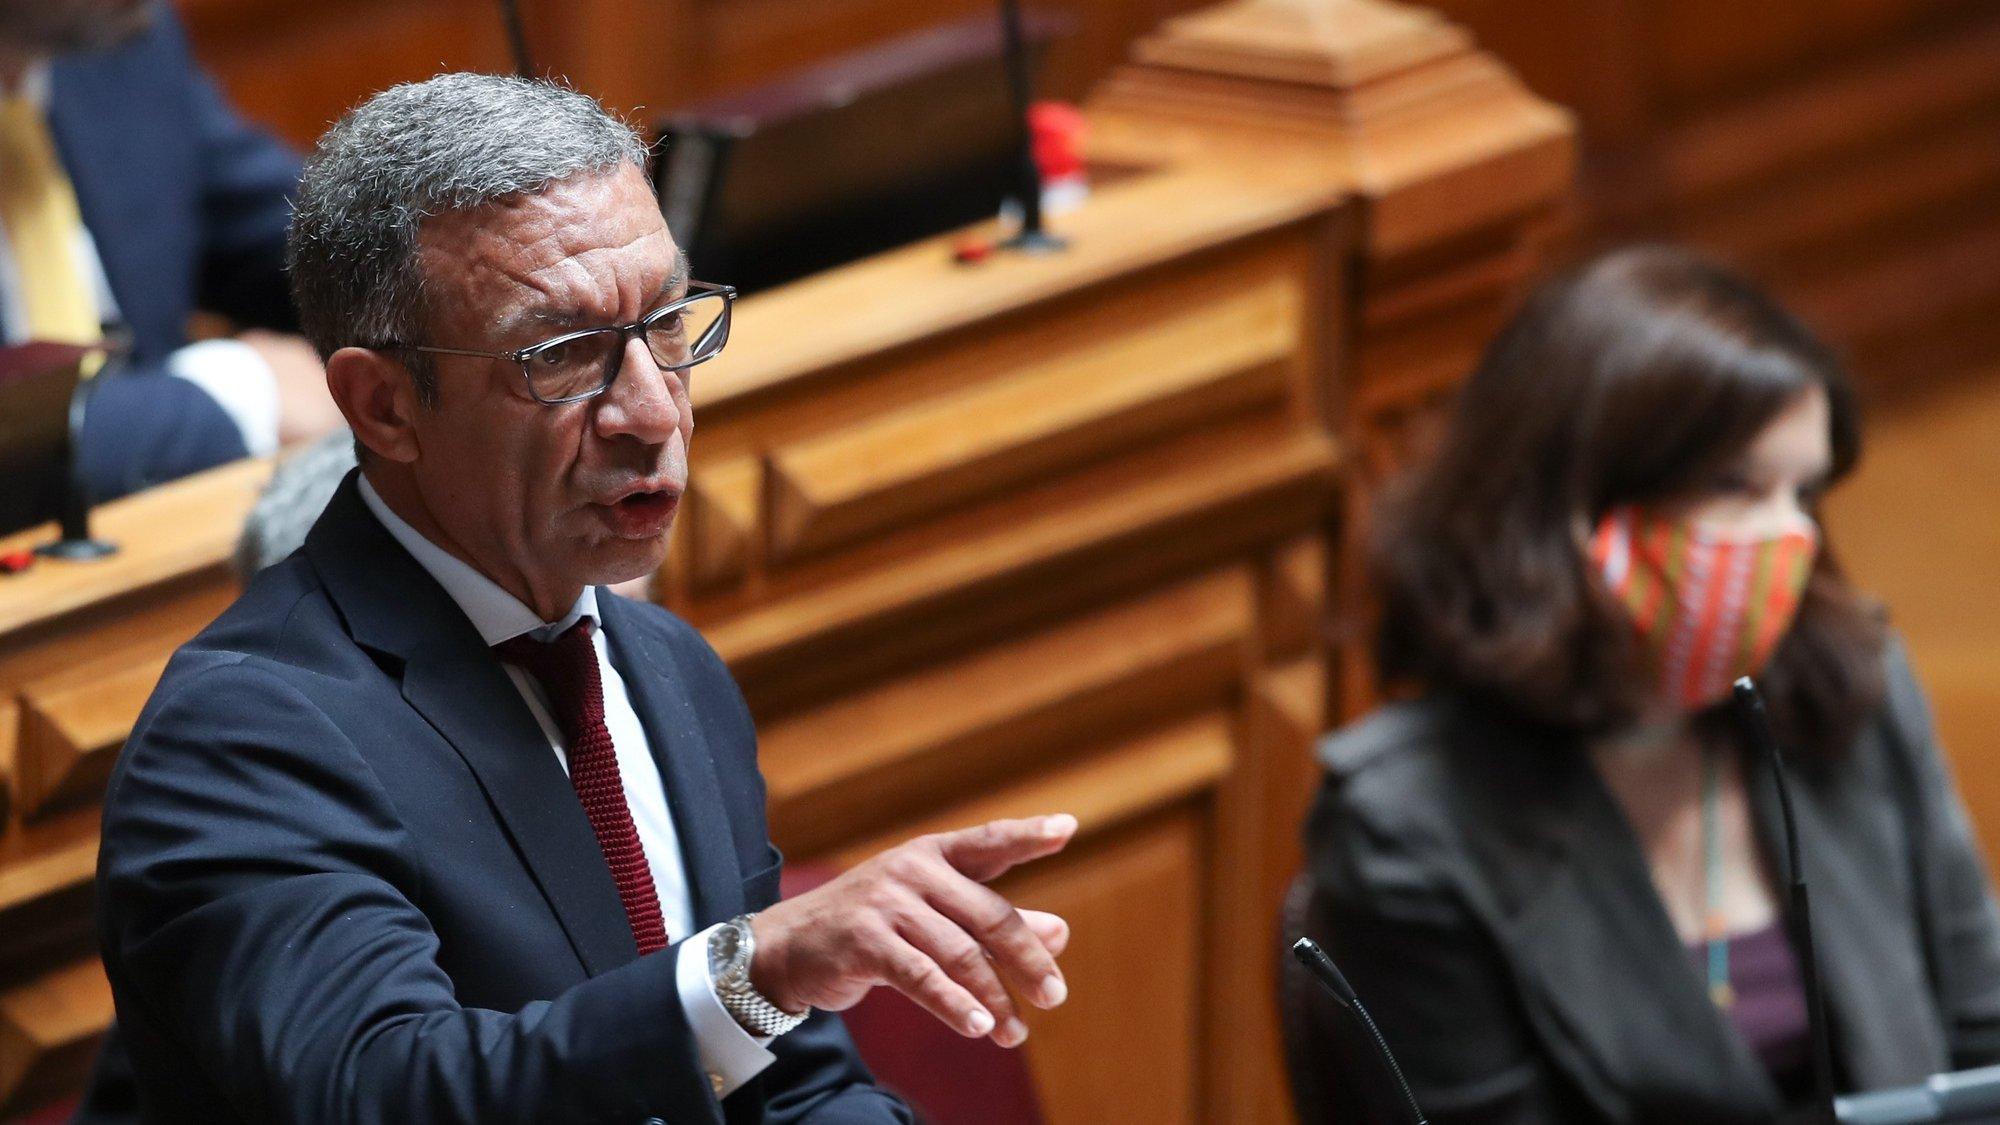 O deputado do Partido Social Democrata (PSD), Duarte Pacheco, intervém durante o debate e votação da proposta do orçamento suplementar para 2020, na Assembleia da República, em Lisboa, 17 de junho de 2020. MANUEL DE ALMEIDA/LUSA